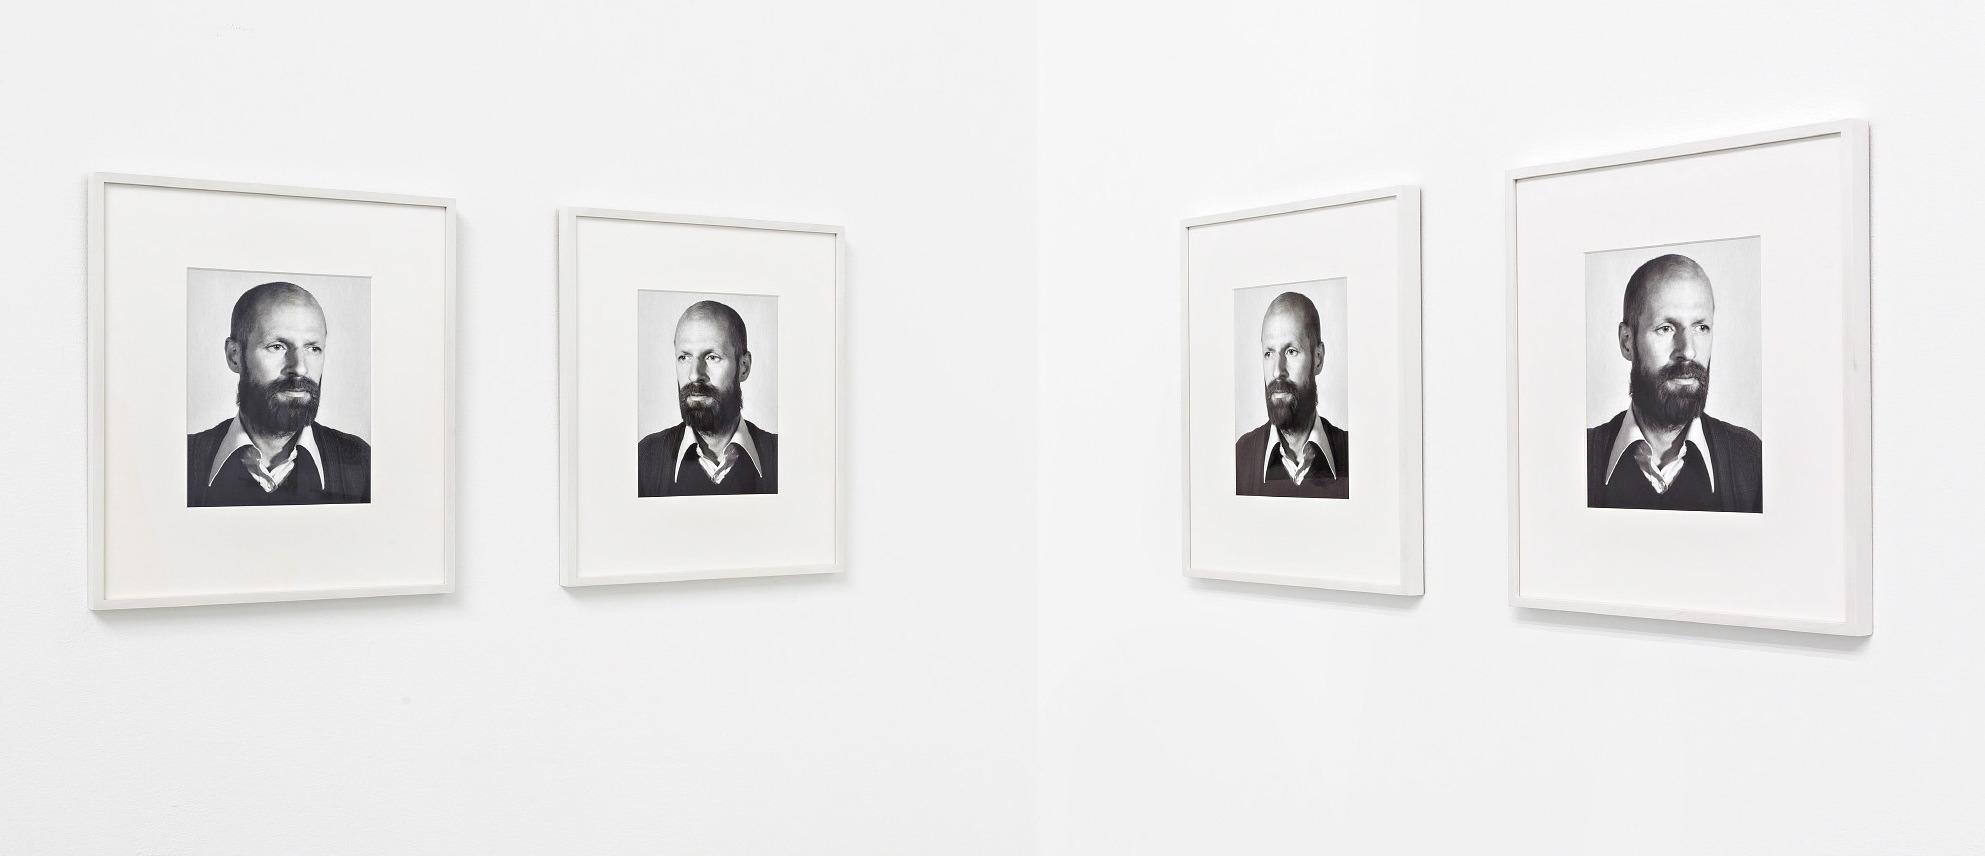 Från utställningen på Charité - Hreinn Friðfinnsson, The Way We Were, 2002 © Hreinn Friðfinnsson / Galerie Nordenhake, Berlin,